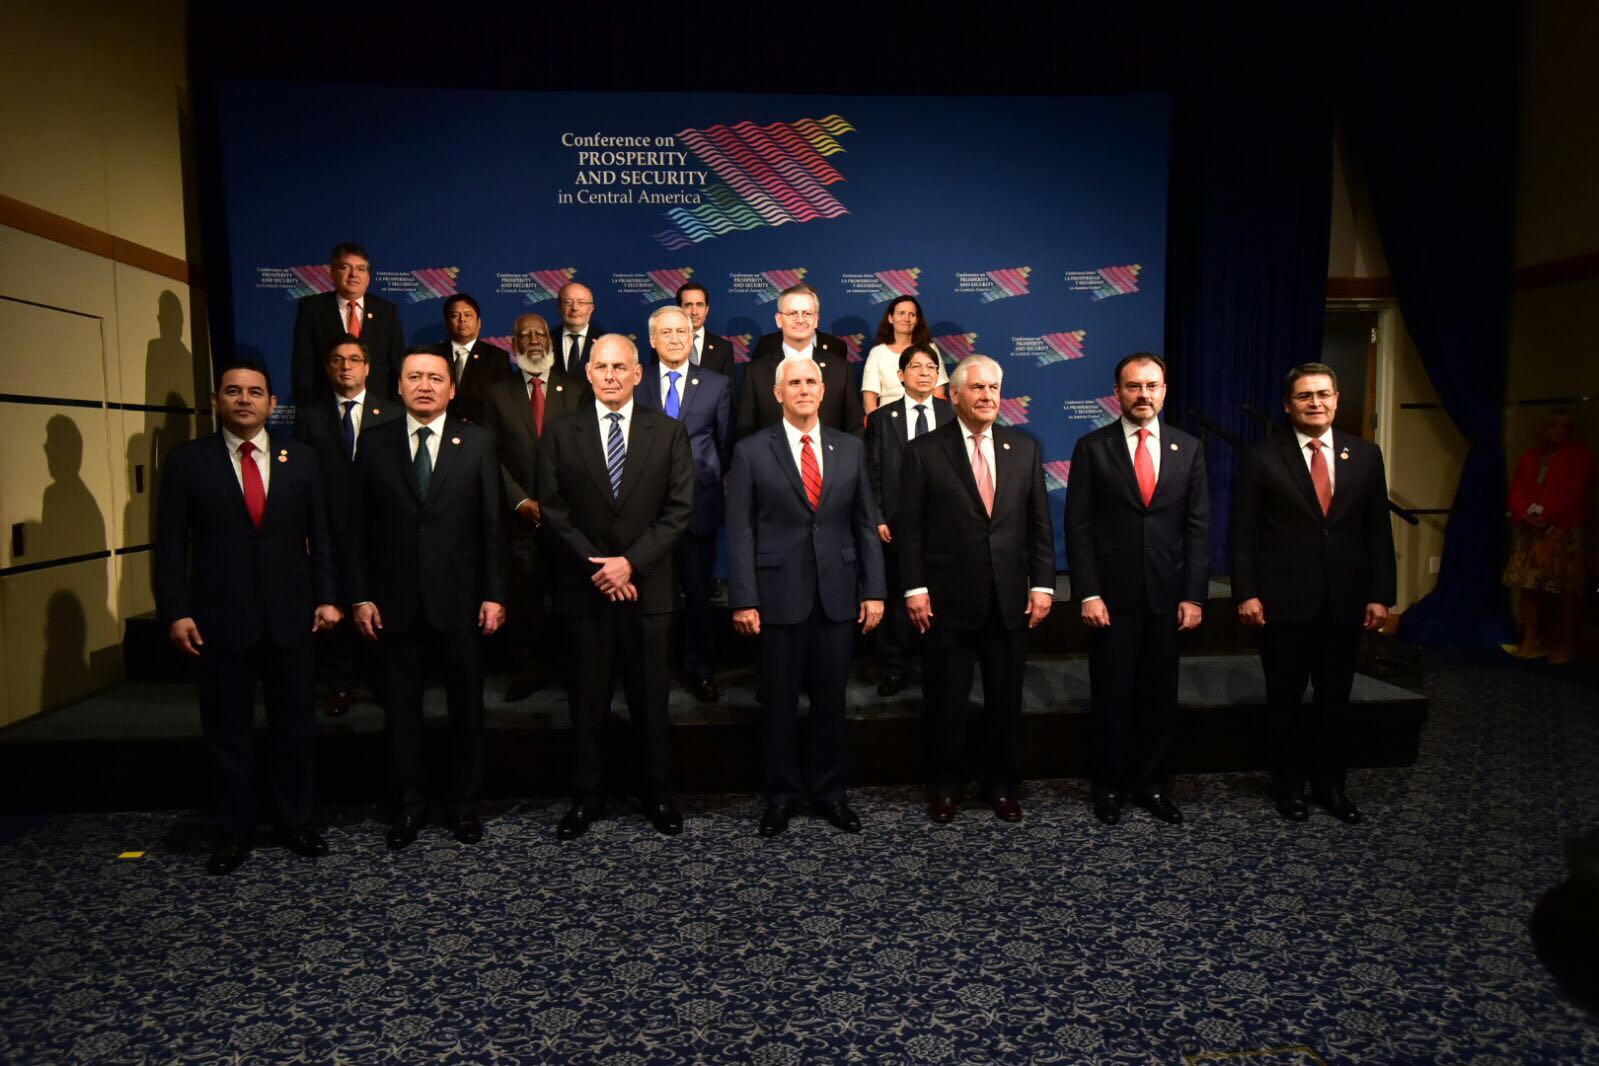 /cms/uploads/image/file/290065/Foto_oficial_de_la_Conferencia_sobre_Prosperidad_y_Seguridad_en_Centroam_rica.jpeg